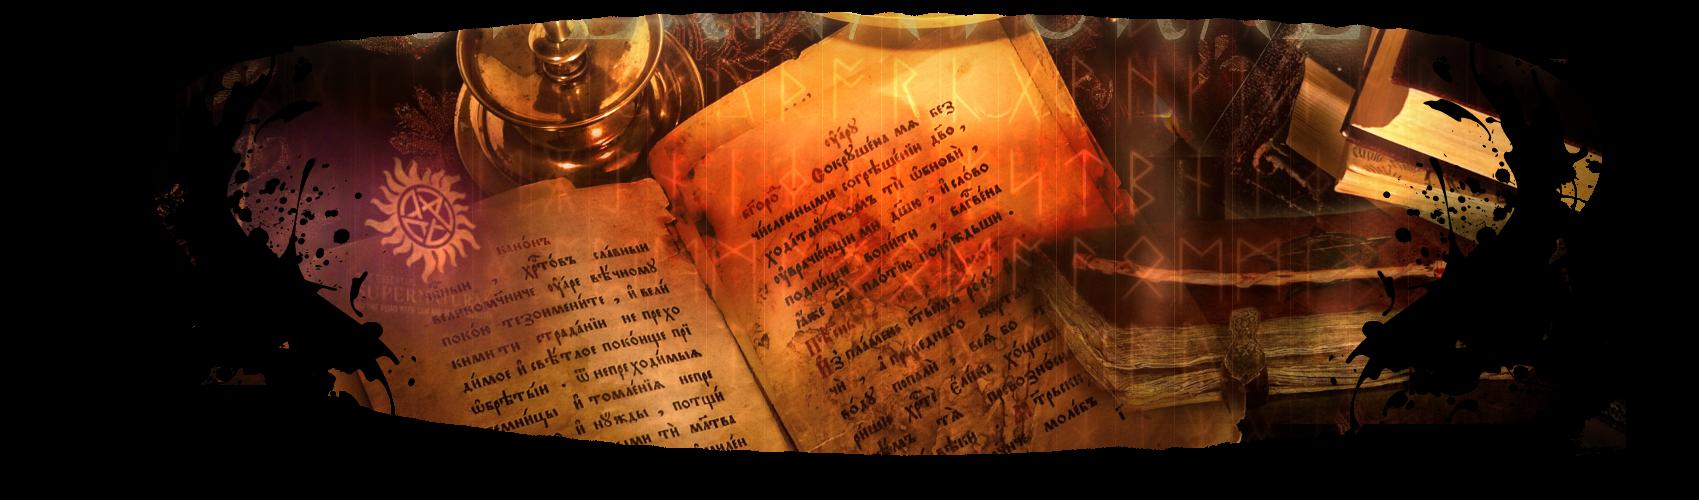 [Book] Supernatural saison 1 - Projet Étude 150809095628672171